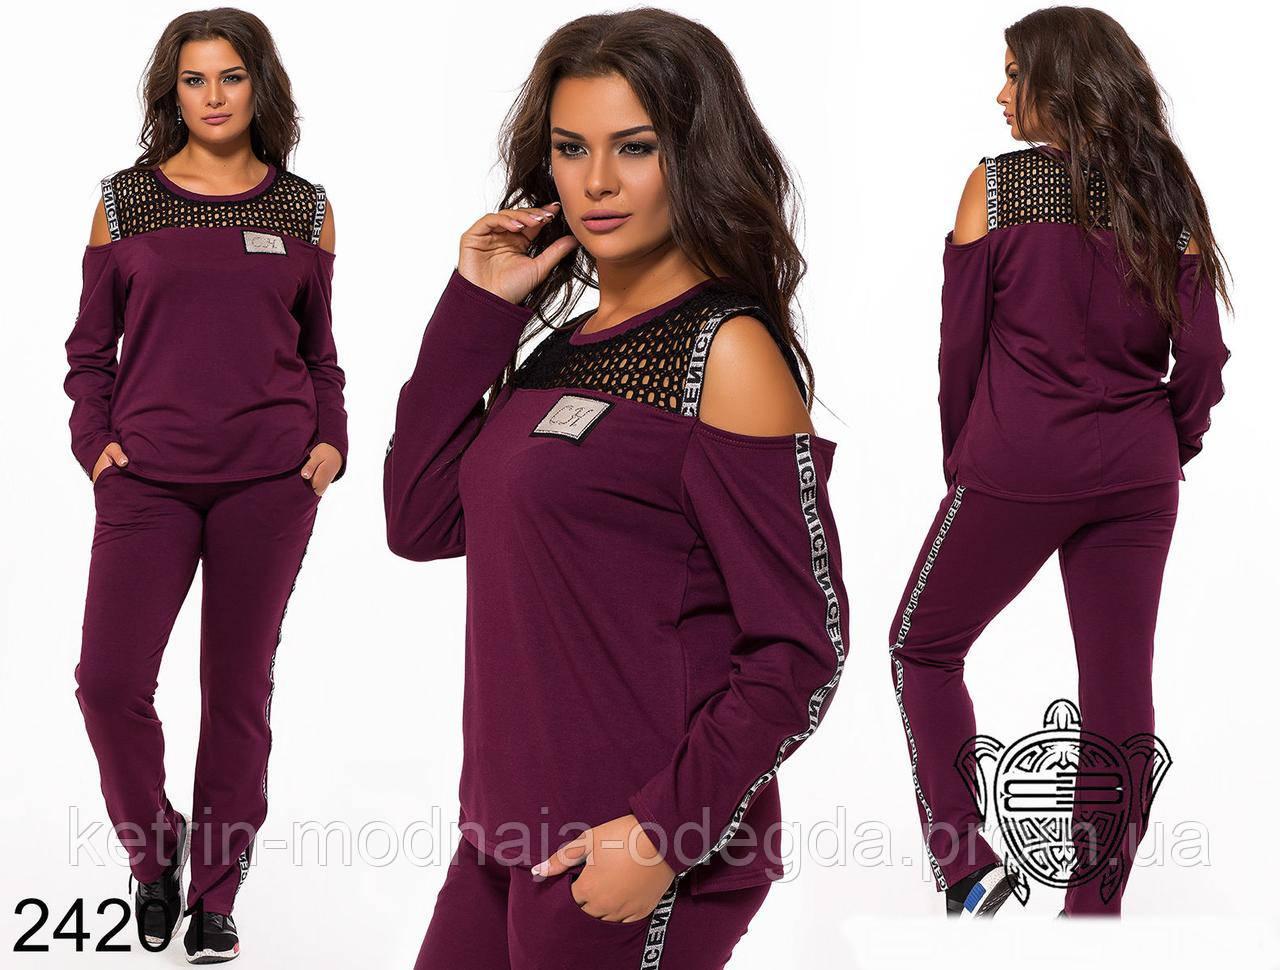 9d3d8270089 Удобный модный яркий спортивный костюм больших размеров 48